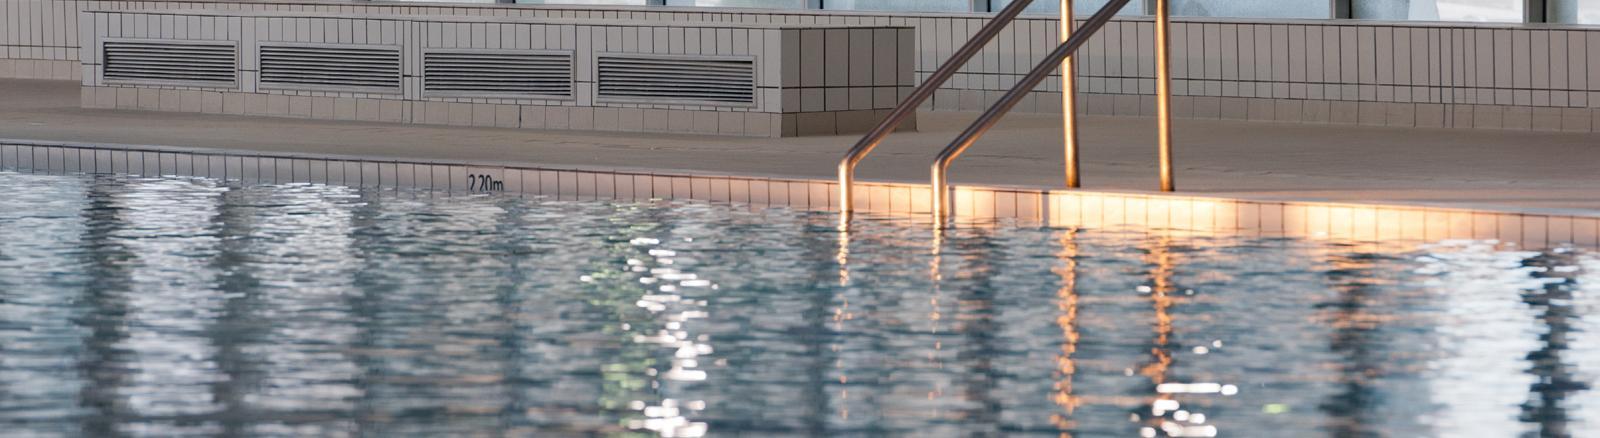 Nager deauville tourisme ev nements mairie site - Piscine olympique deauville ...